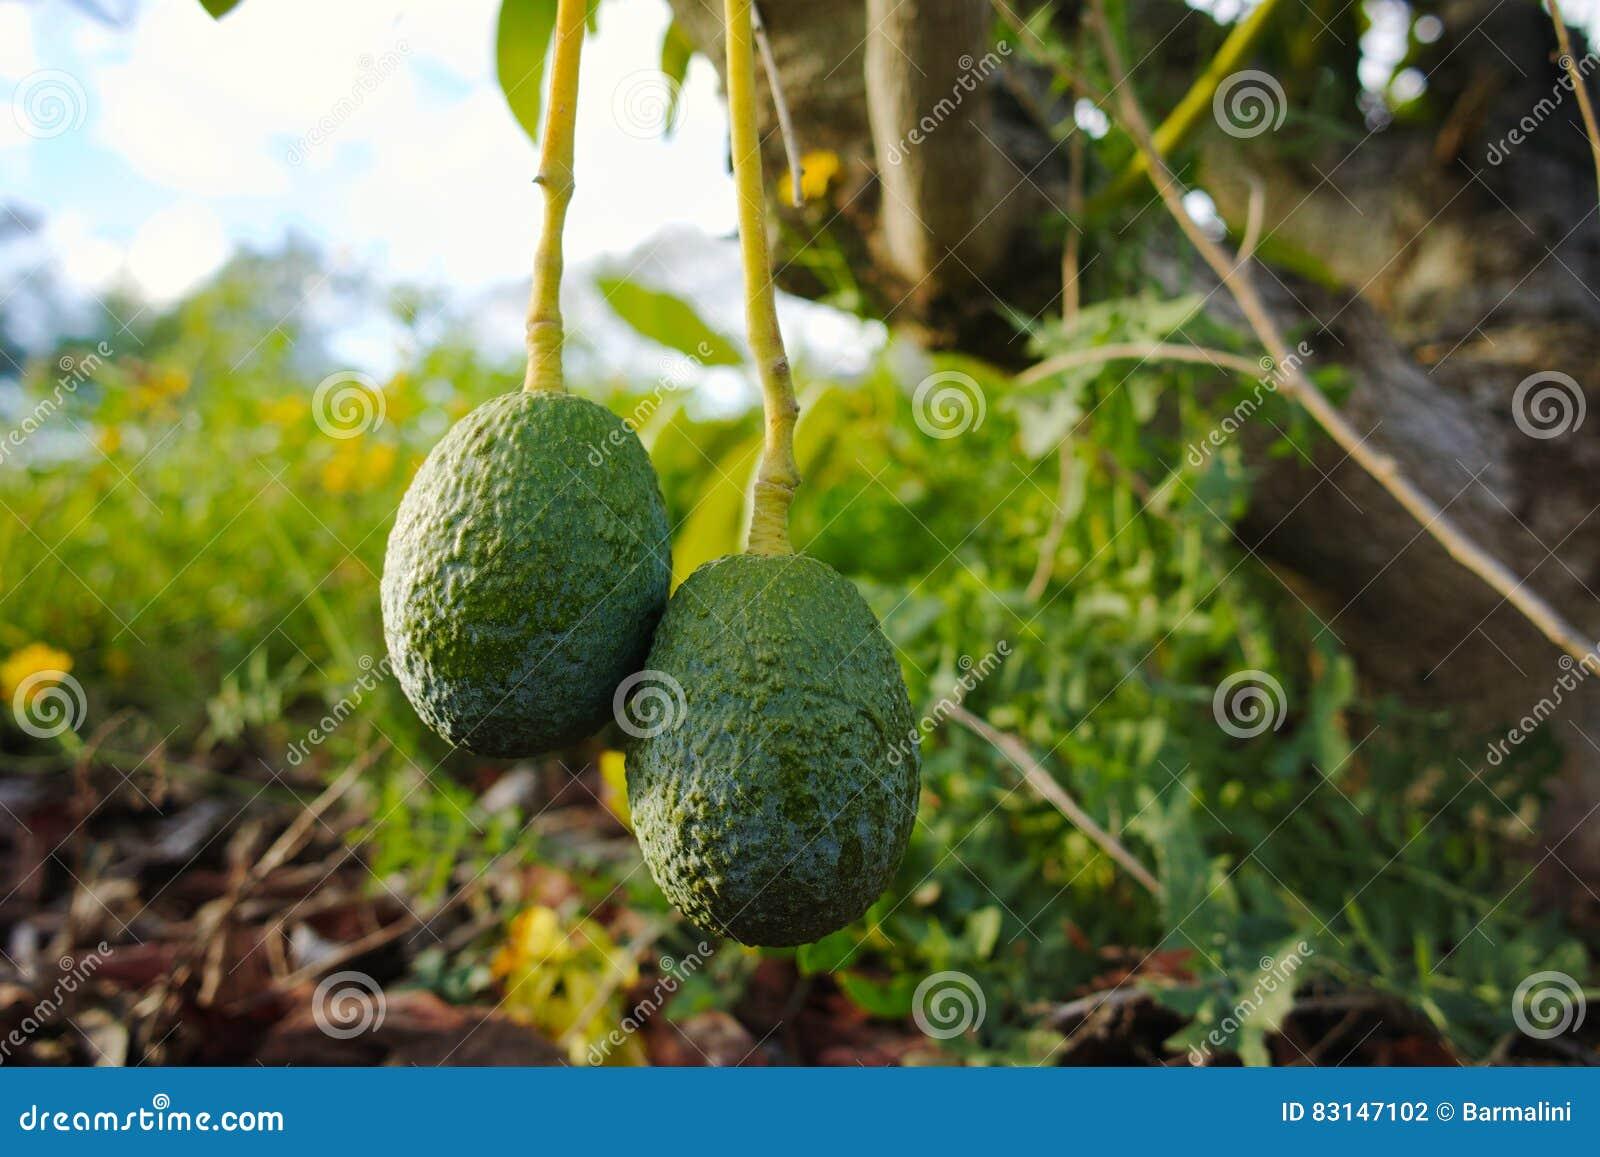 avocat mûr vert sur l'arbre, plantation d'avocat photo stock - image